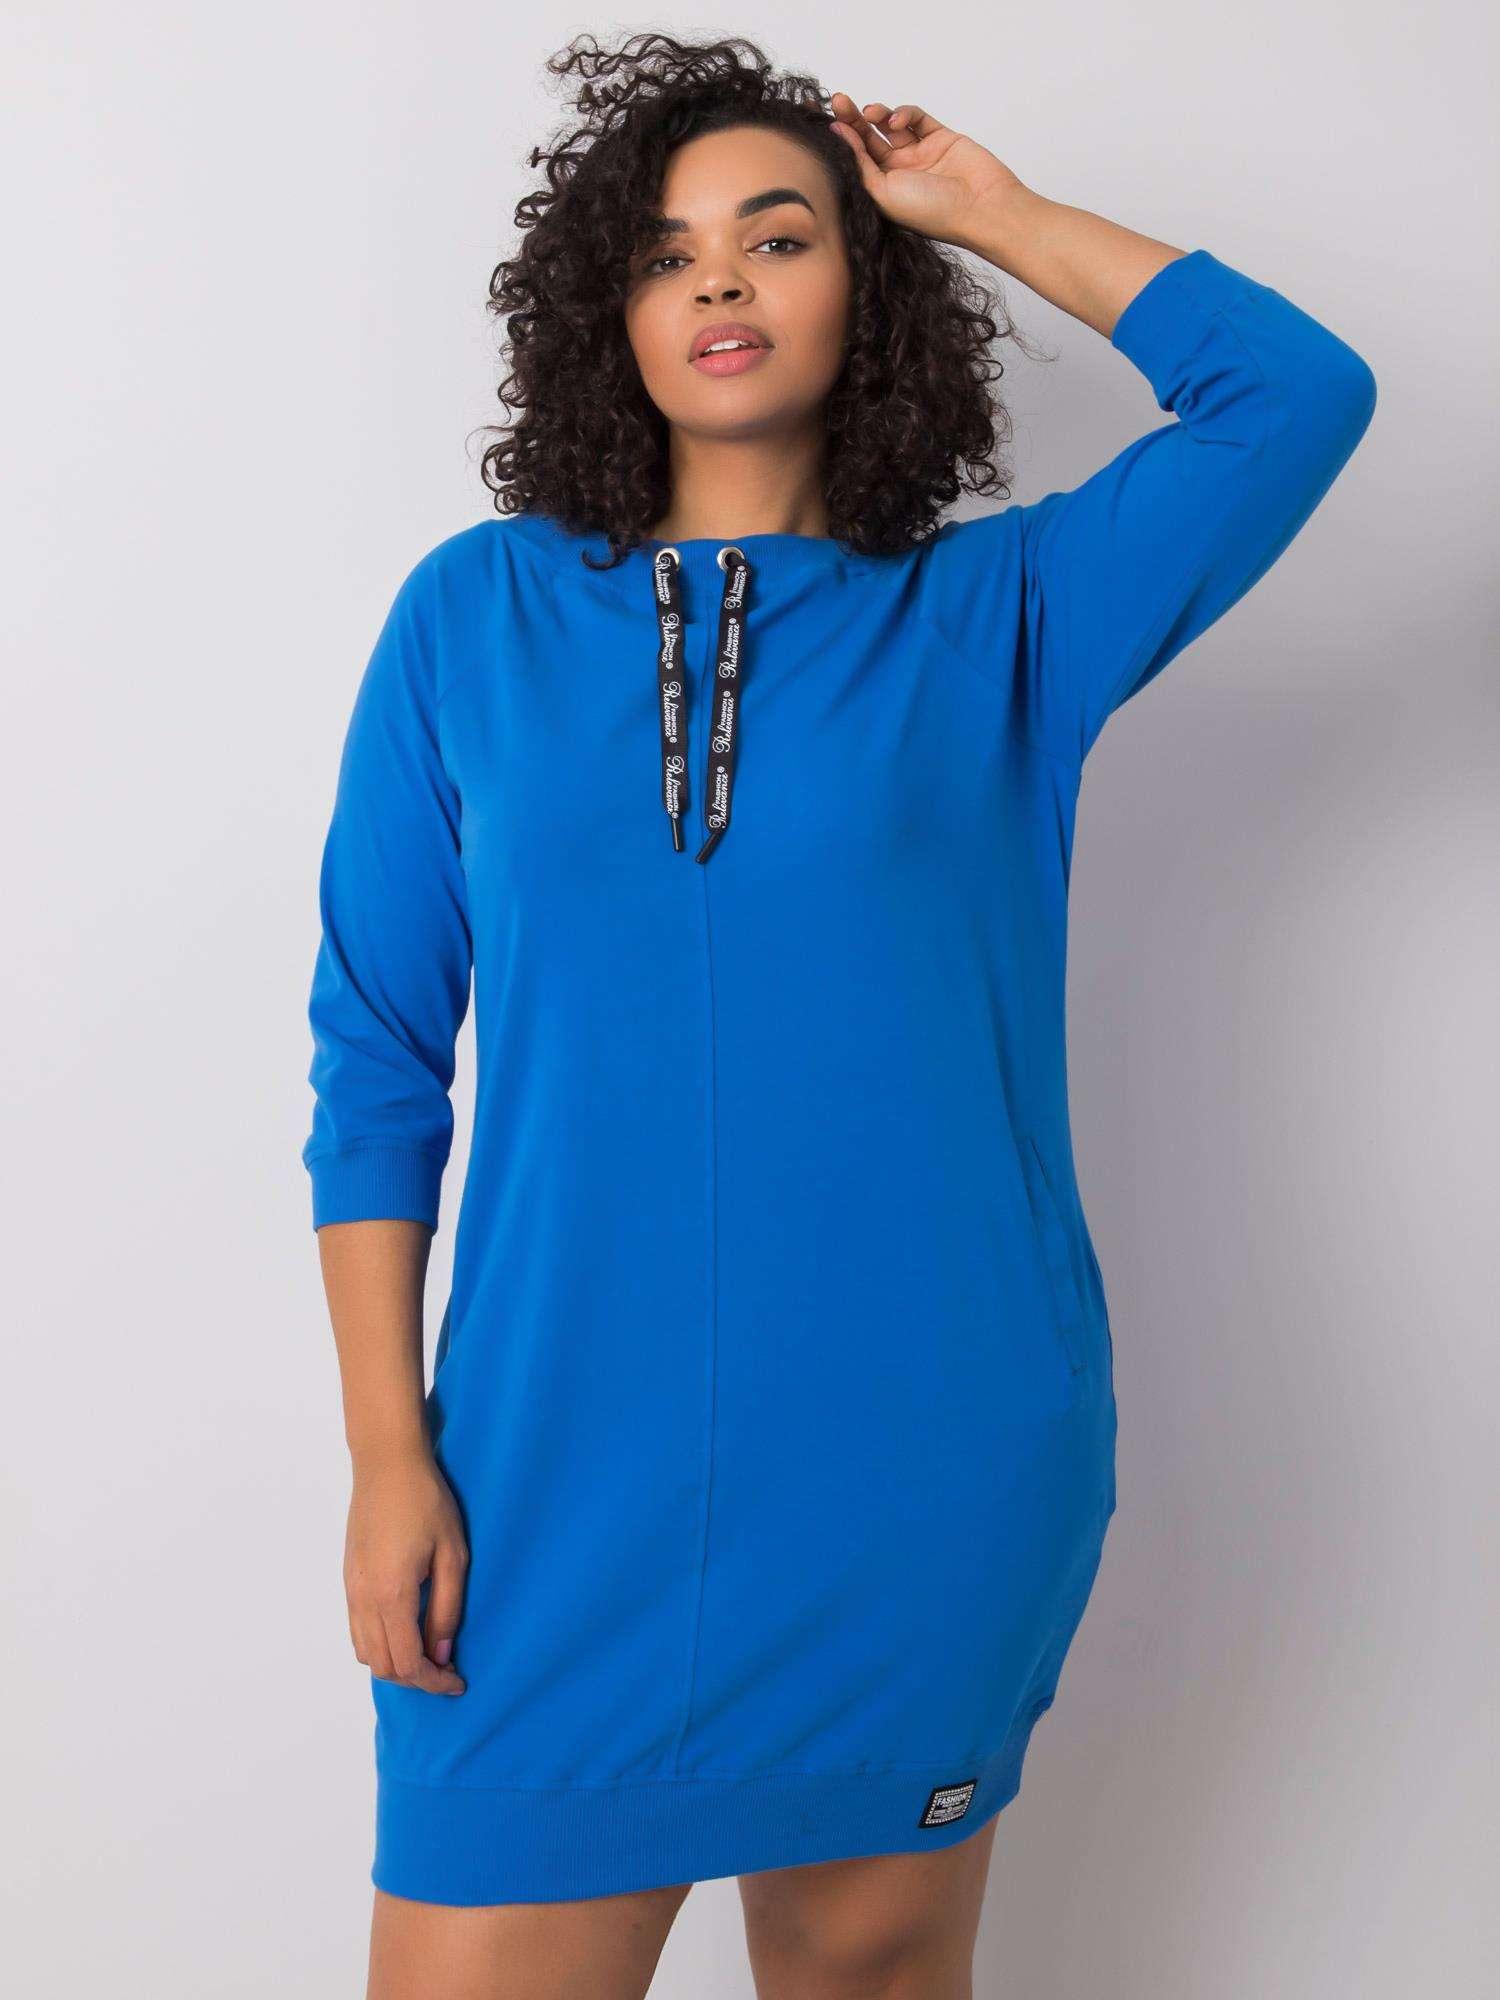 Sweatshirt Kleid in Opablau Curvy Vorderansicht